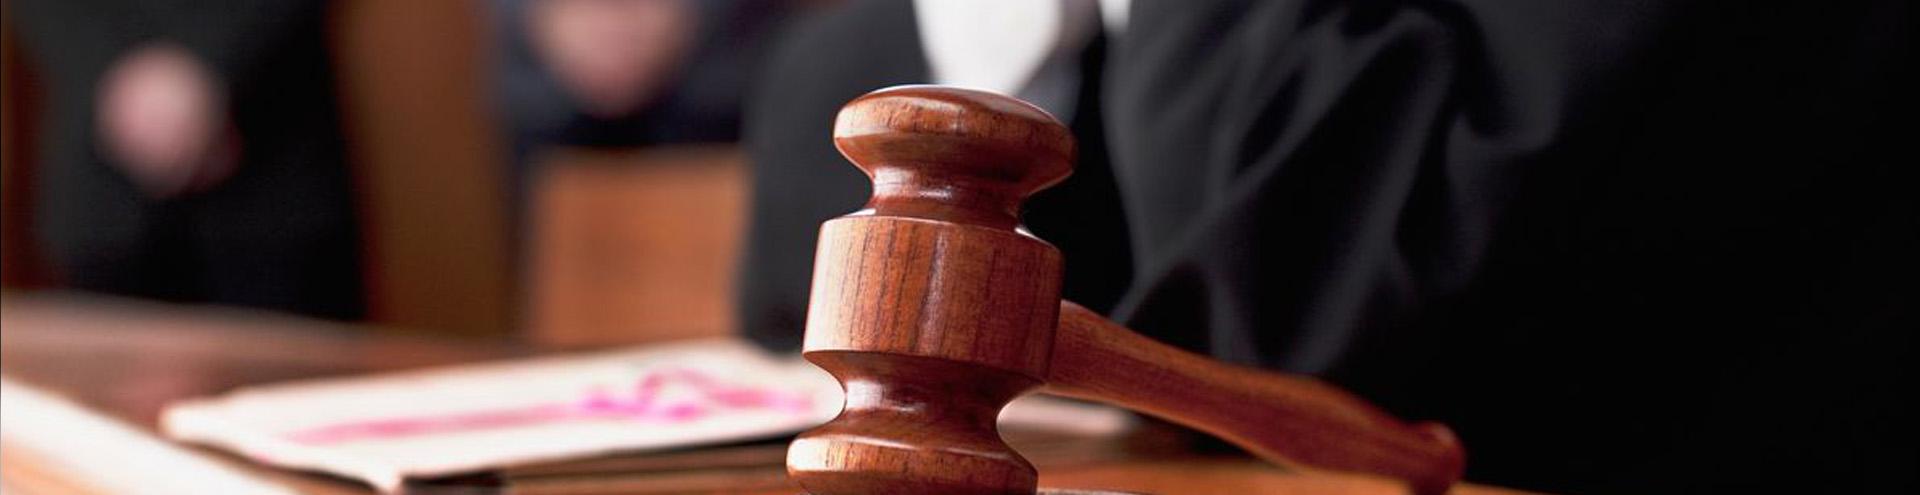 апелляционная жалоба в Челябинске и Челябинской области